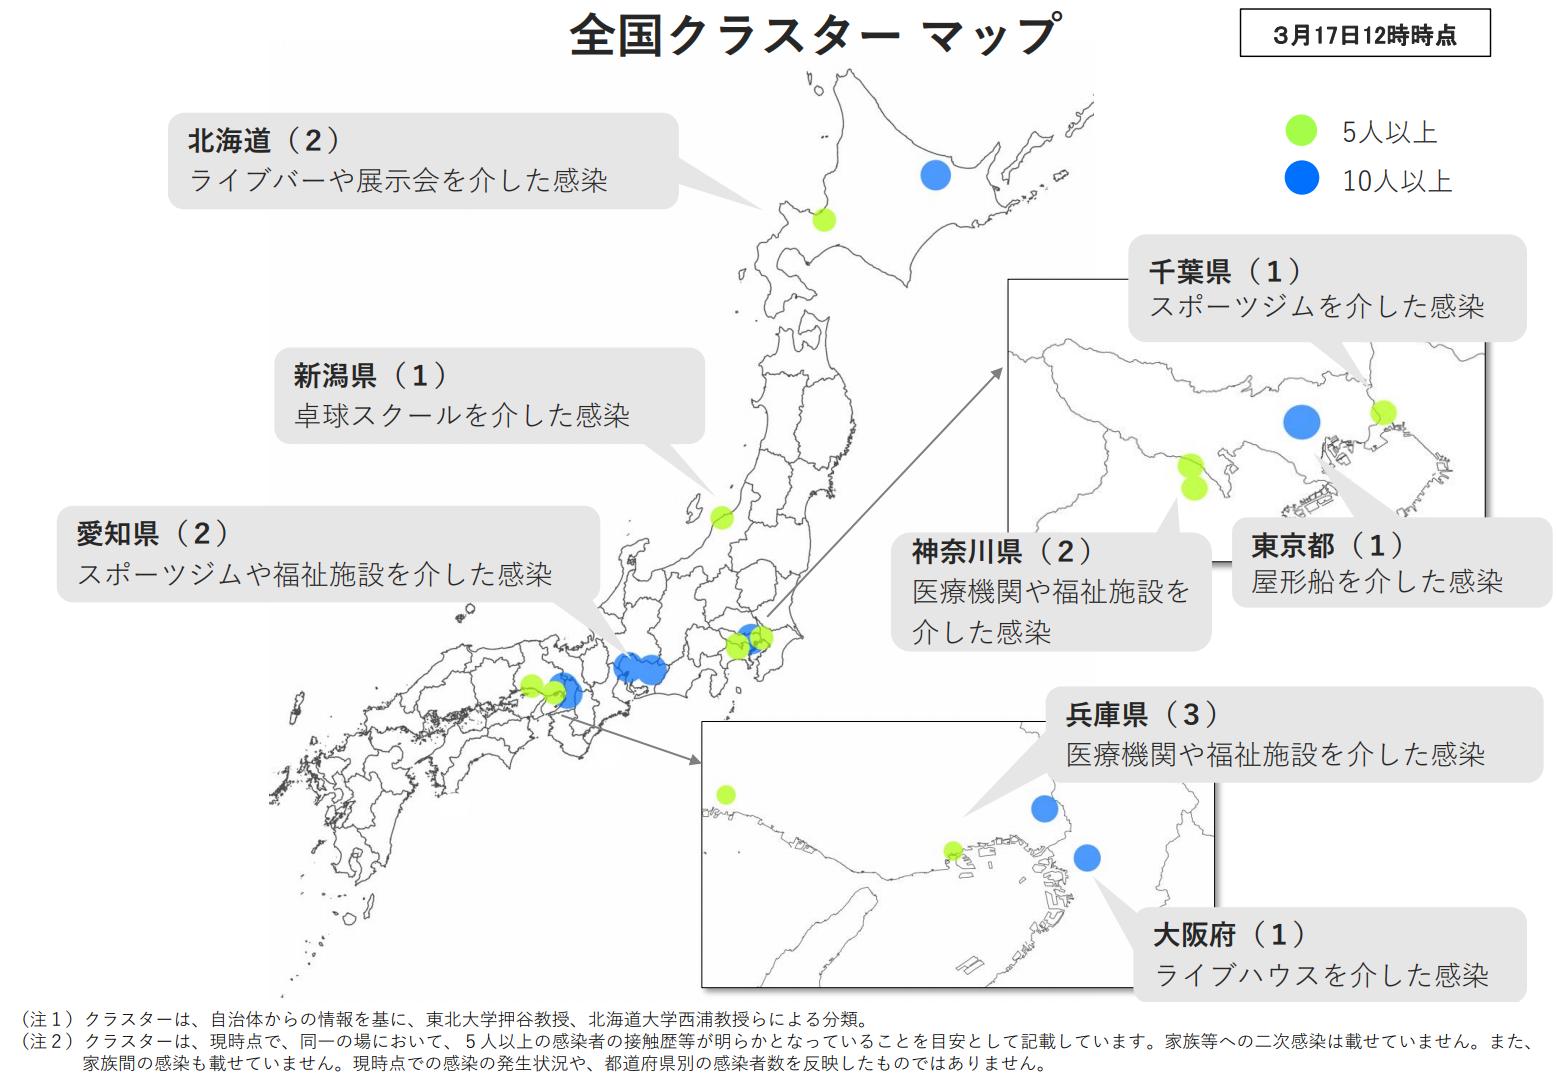 栃木 コロナ ウイルス 感染 者 栃木県内2人死亡、1人は療養中 感染者は40人増